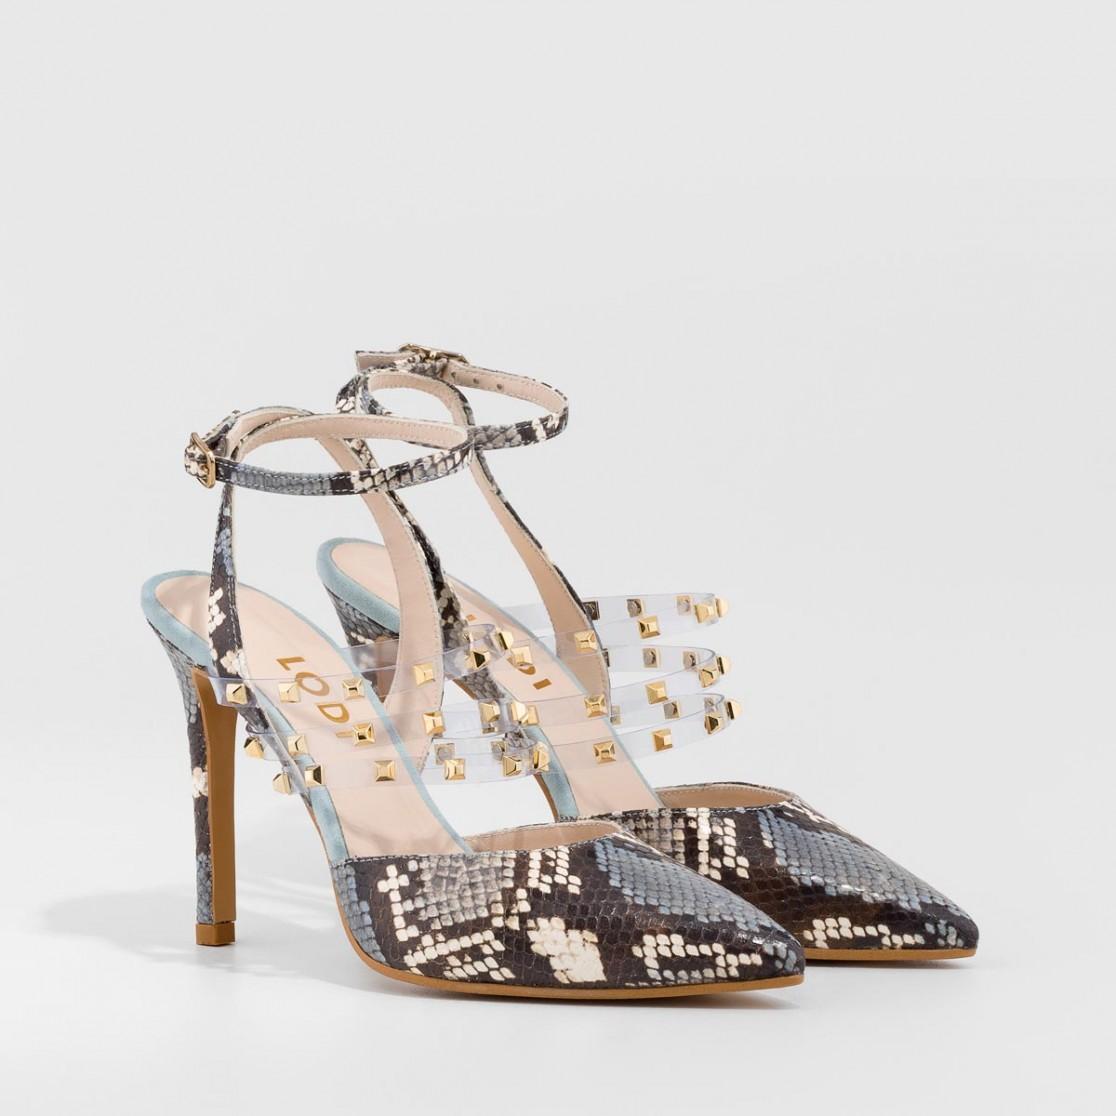 Zapatos de salón destalonados de piel con print de serpiente y tachas decorativas